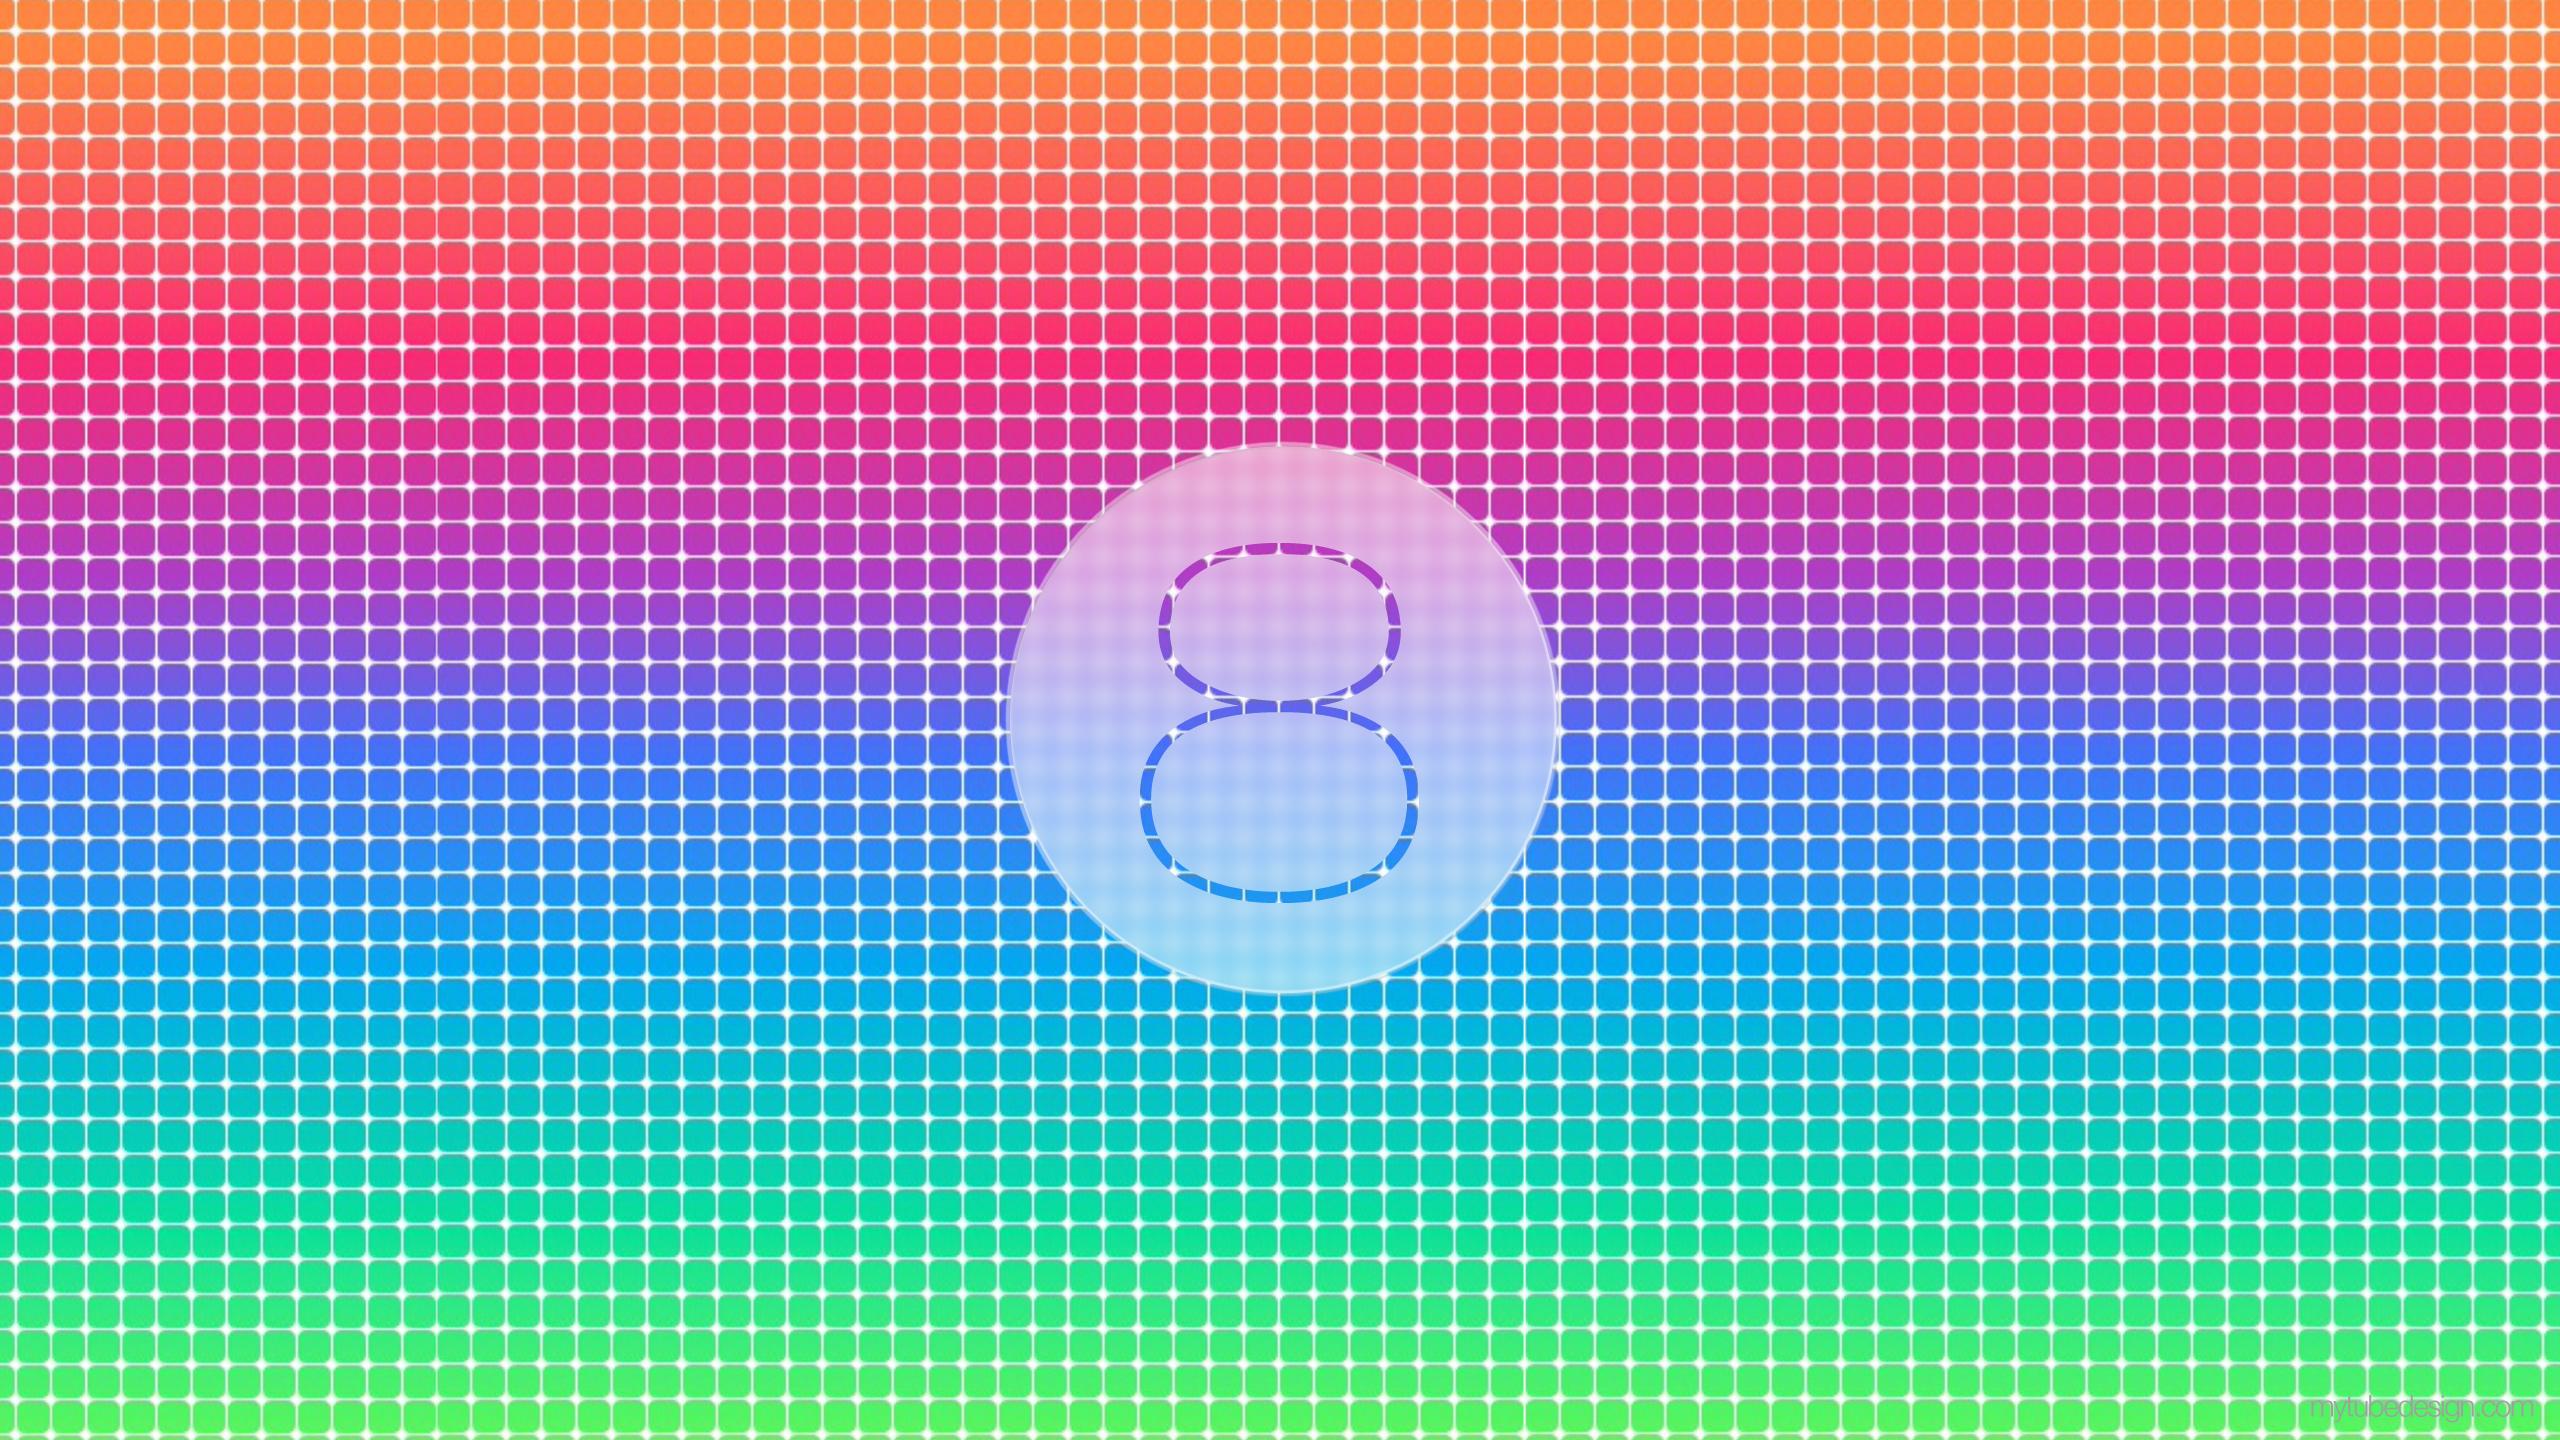 Wallpaper Ios 8 Apple Iphone Ipad 2560x1440